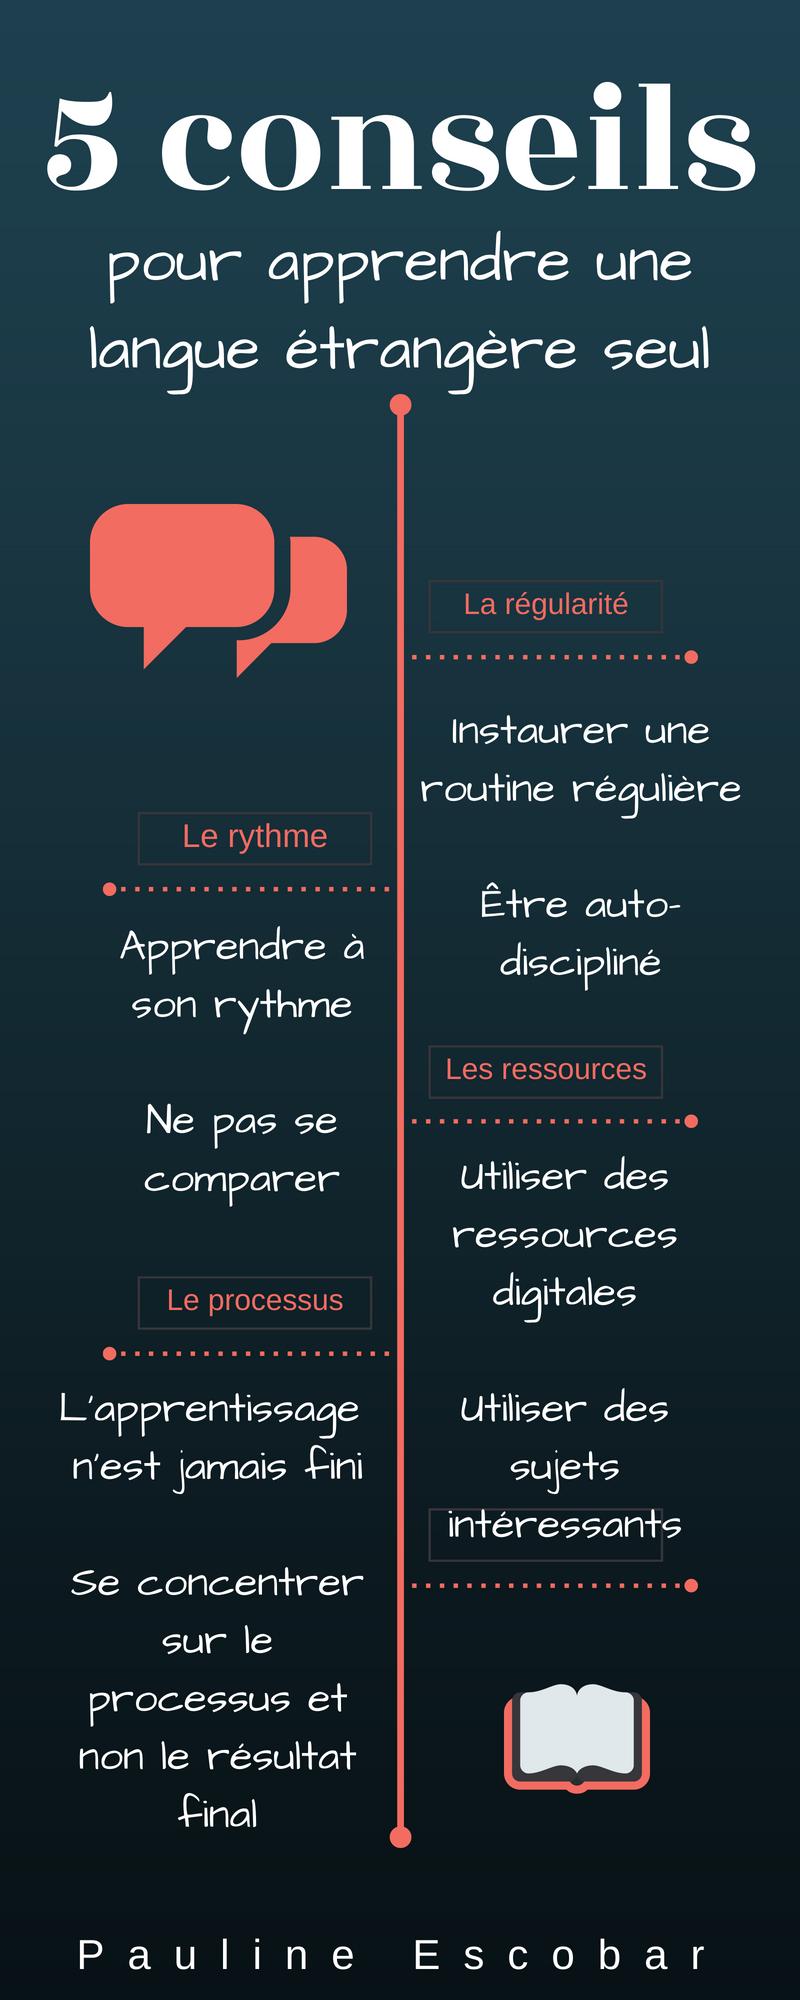 5 conseils pour apprendre une langue étrangère seul